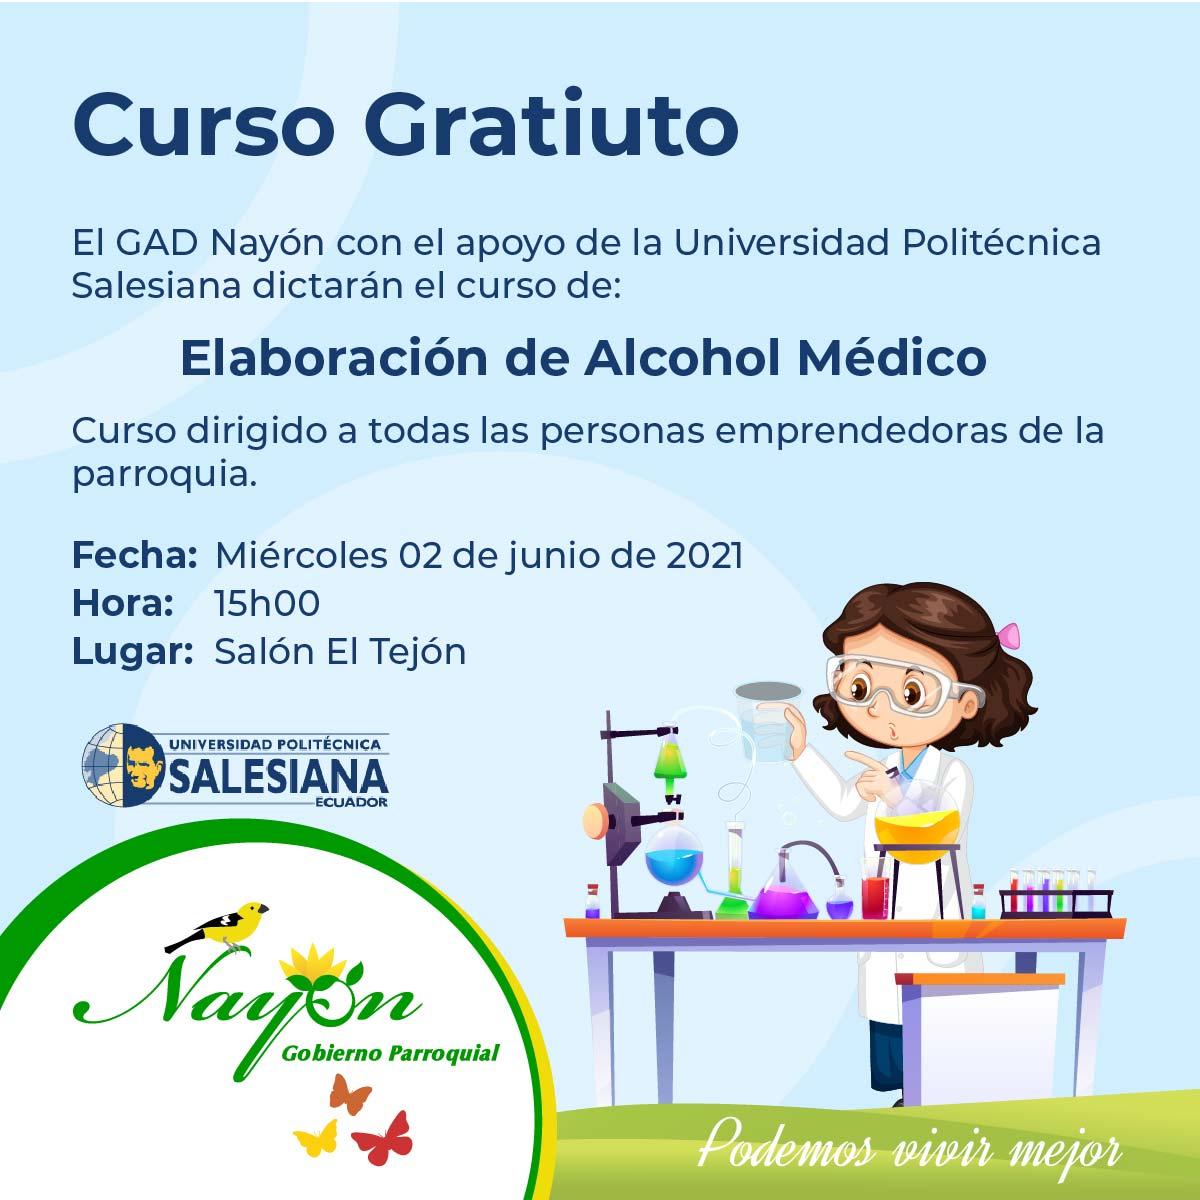 Curso Gratuito de Elaboración de Alcohol Médico